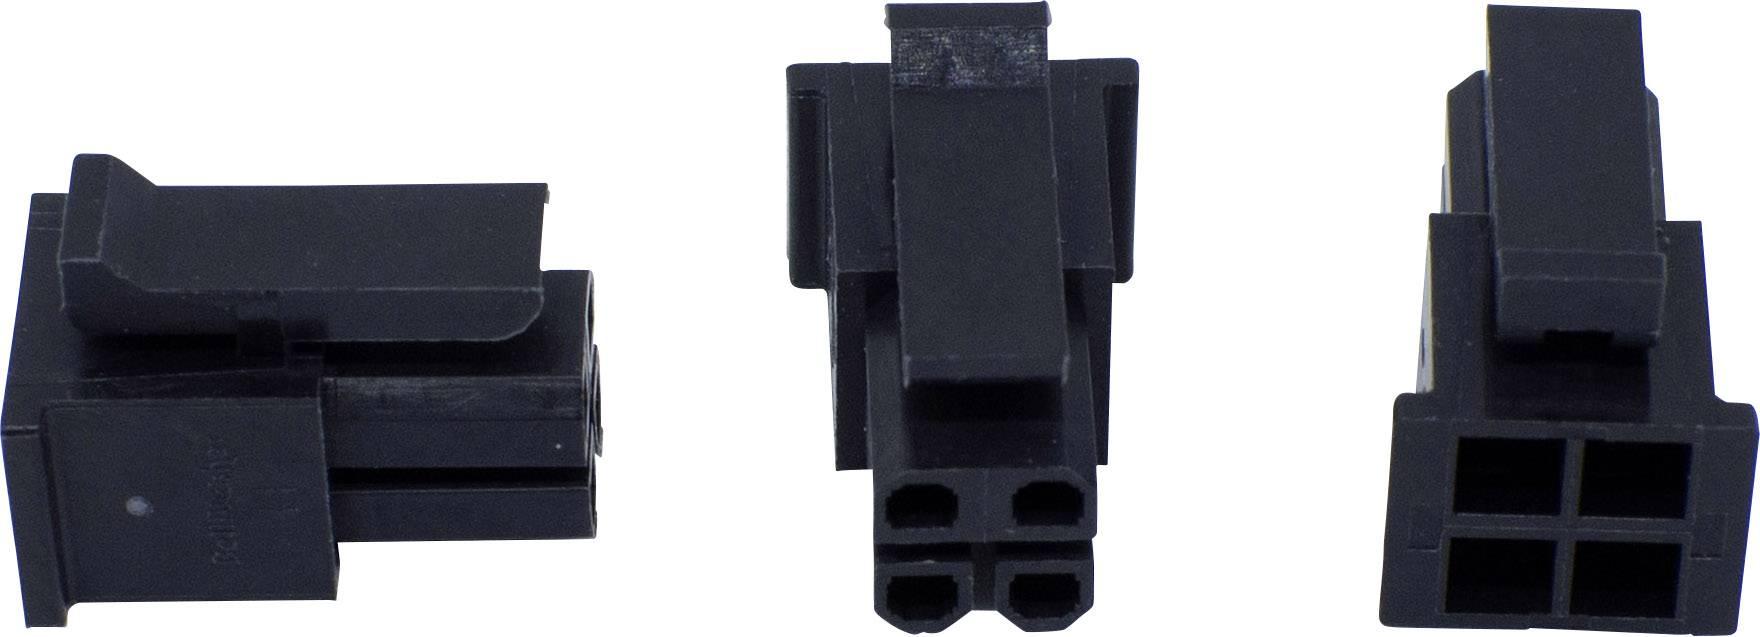 Zásuvkový konektor na kabel BellWether 70093-0400, pólů 4, rozteč 3 mm, 1 ks